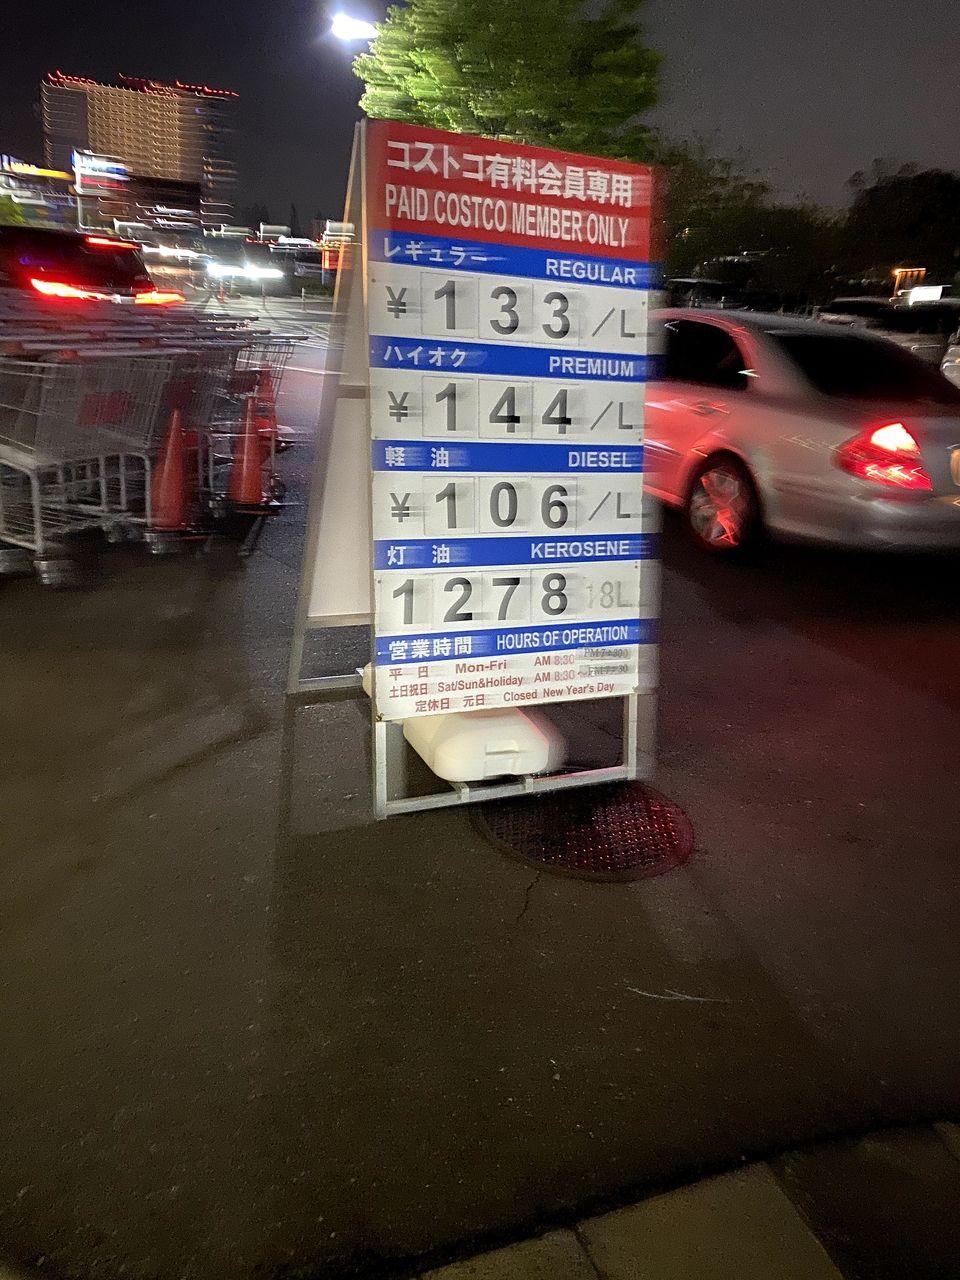 コストコのガソリン価格2021.4月